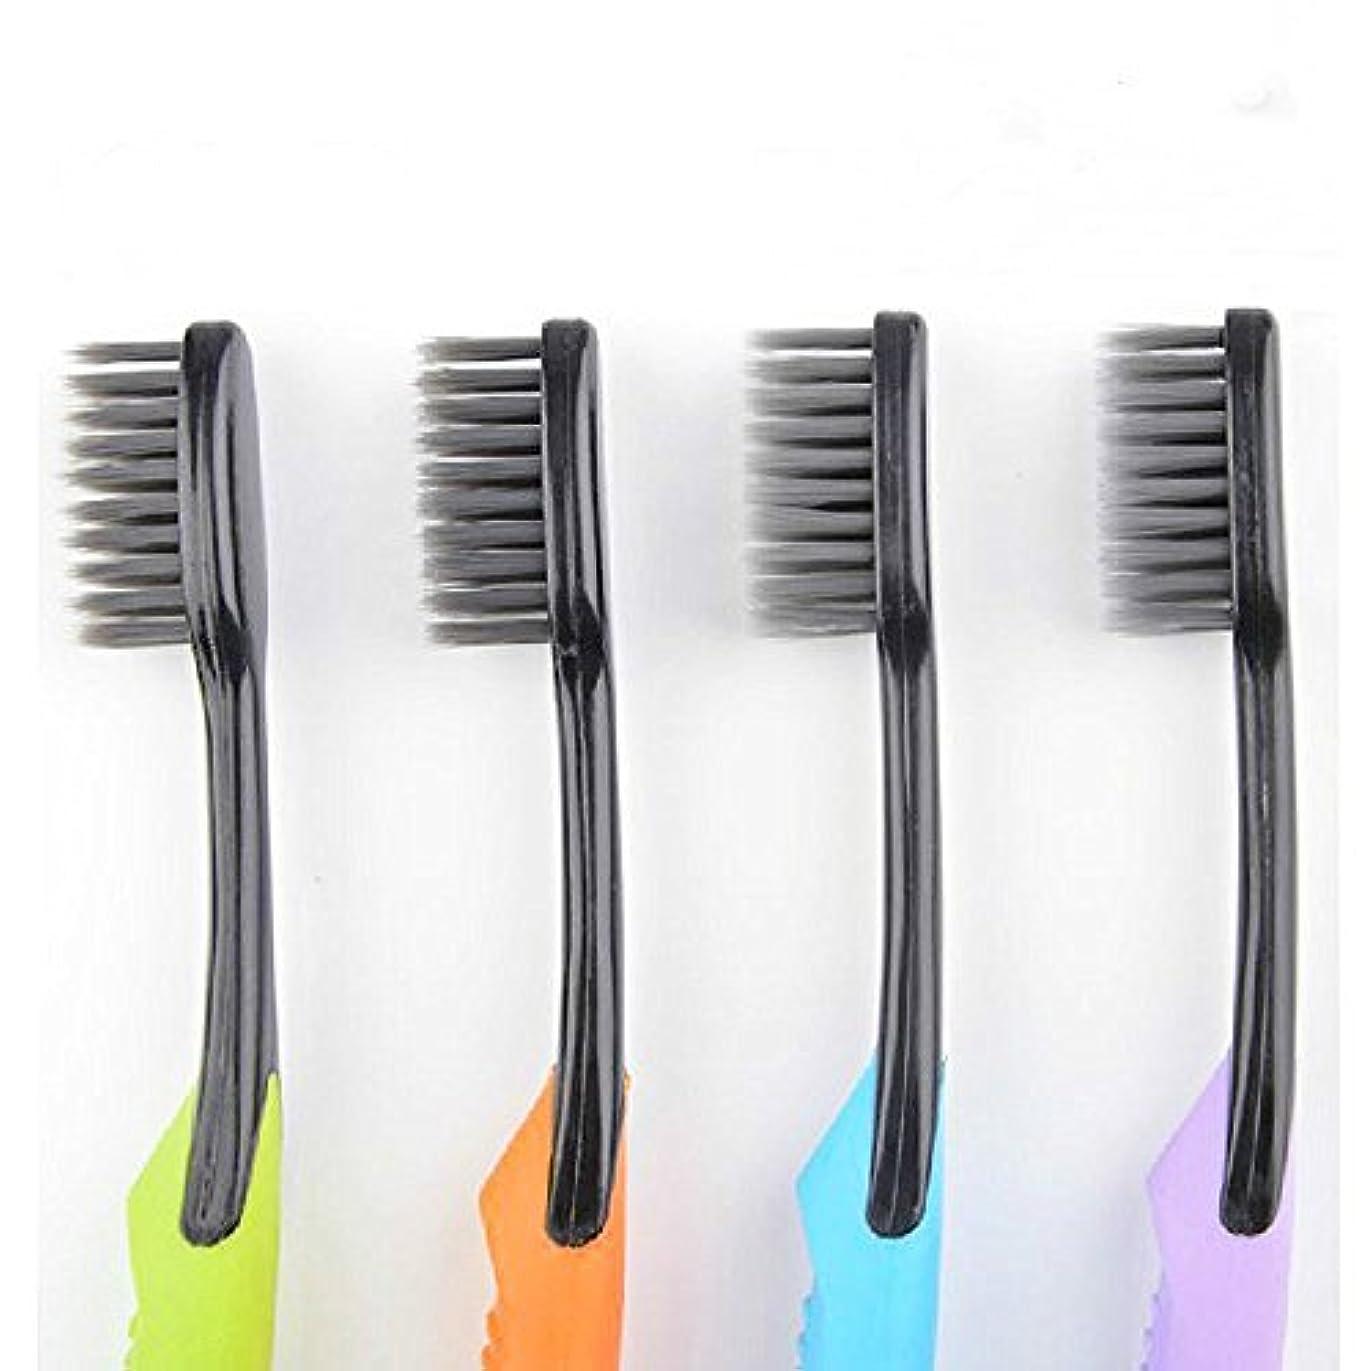 有限不承認日付Cand Ultra Soft Adult Toothbrush, Bamboo Charcoal Bristle, Pack of 4 by Cand